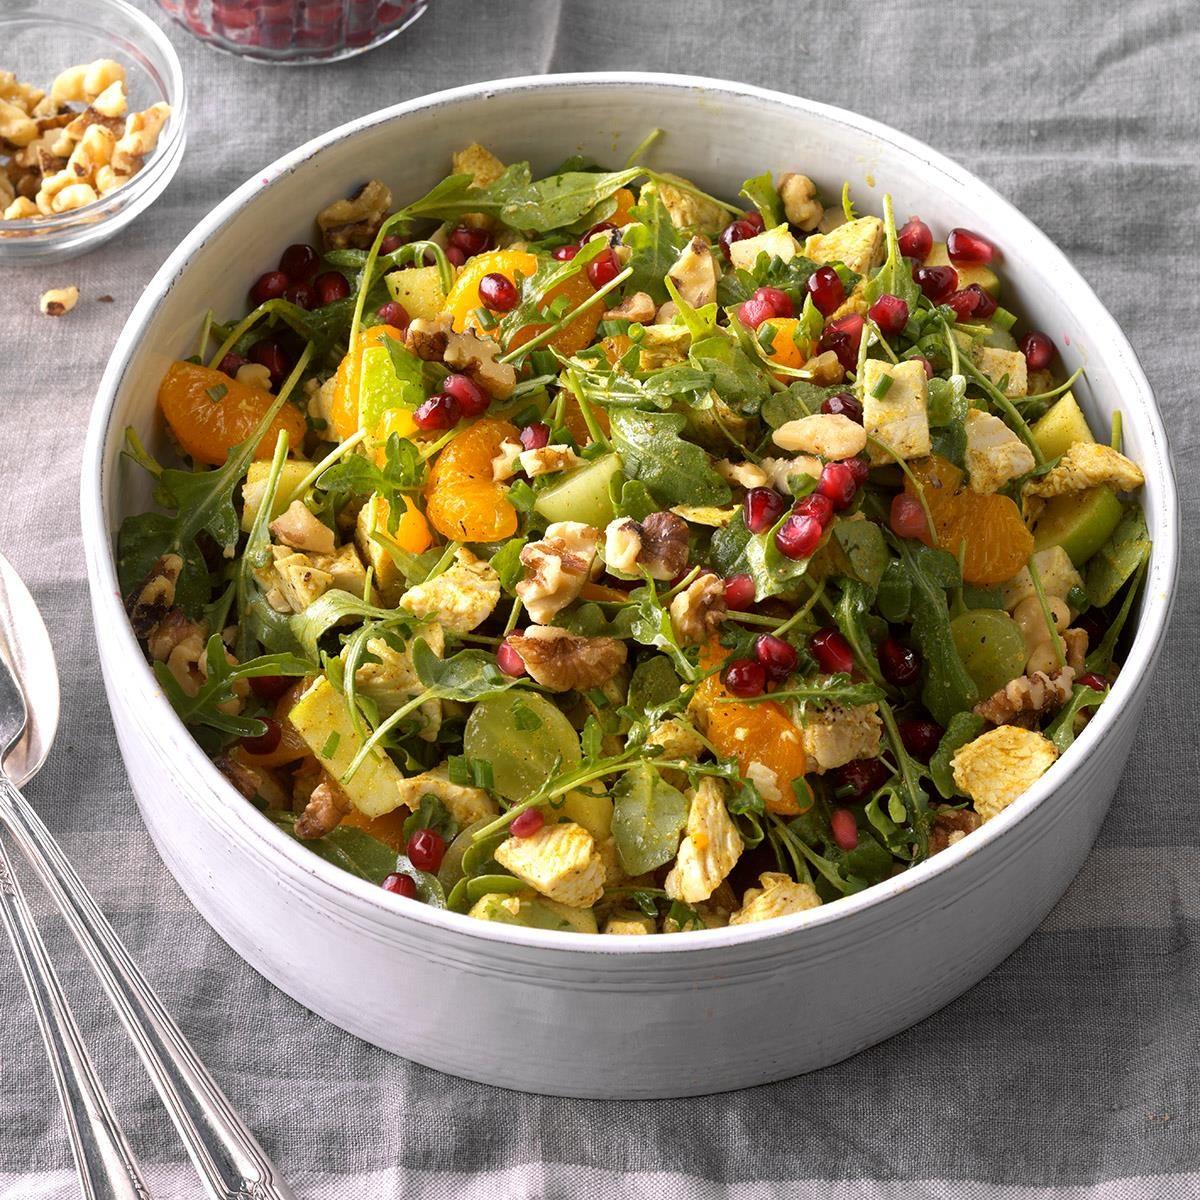 Turkey and Apple Arugula Salad